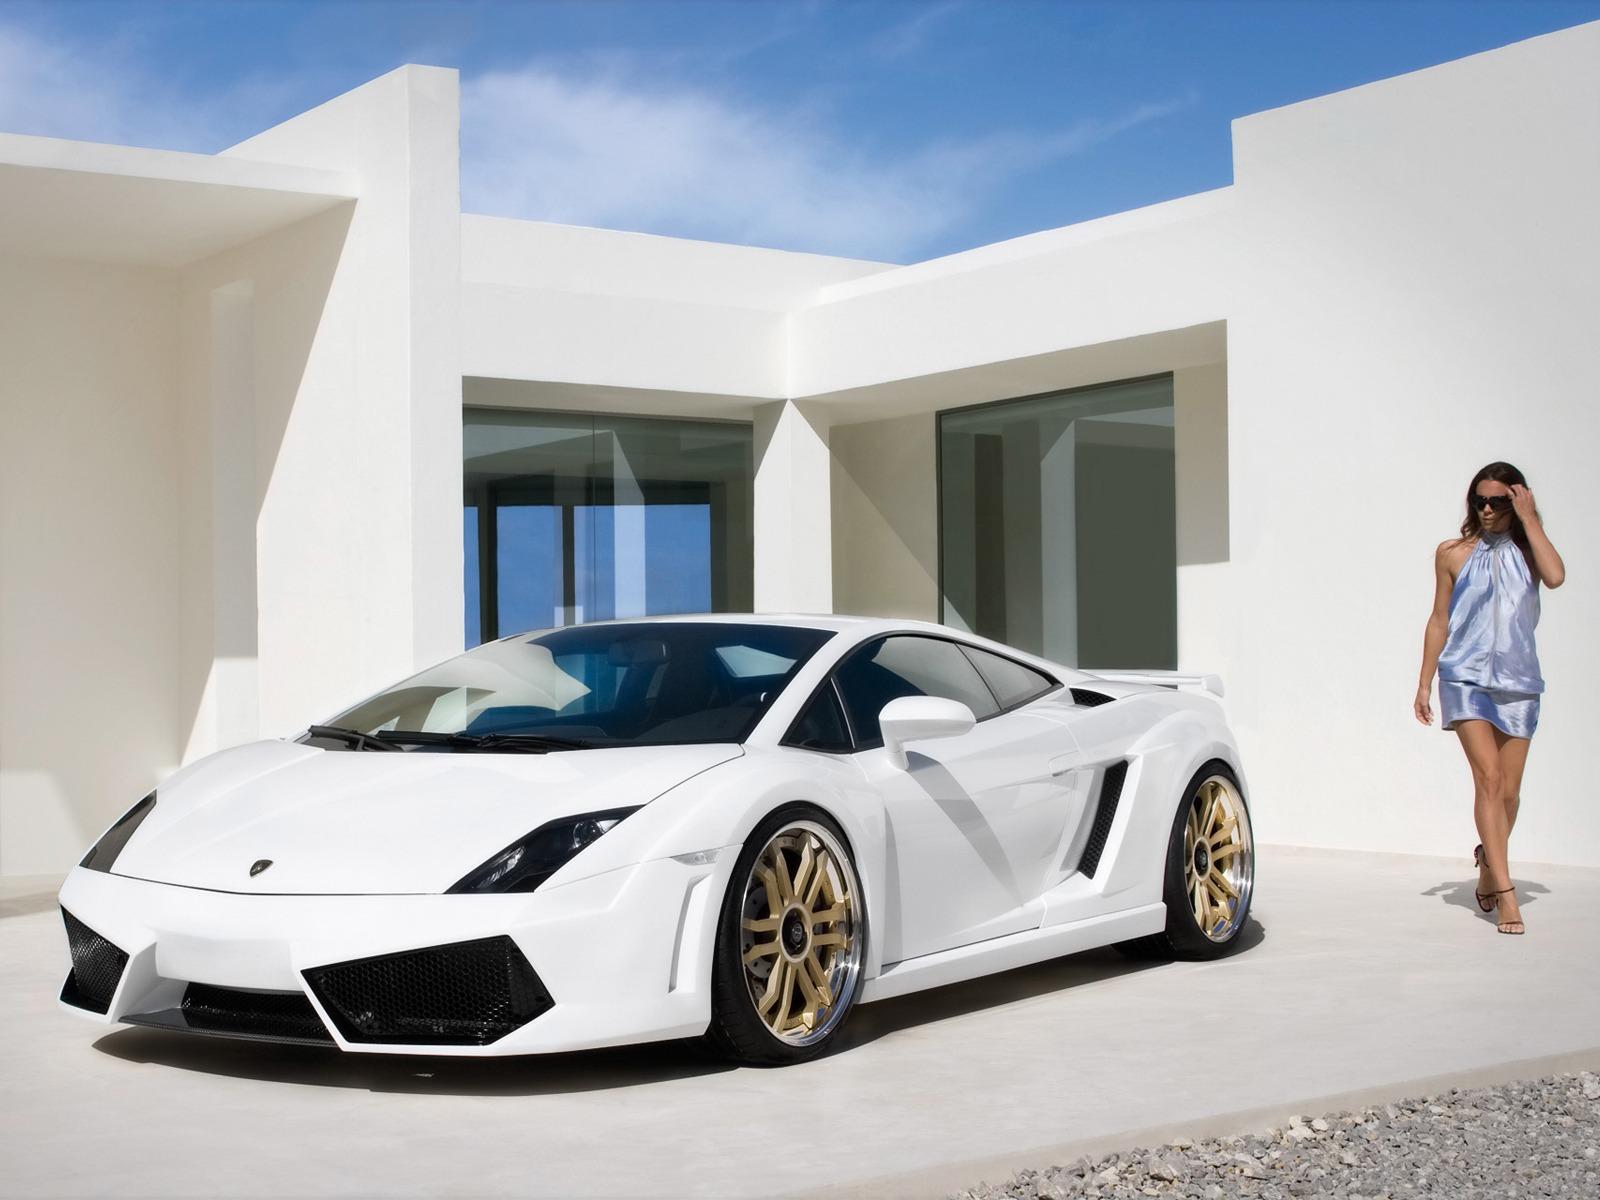 IMSA Lamborghini Gallardo Wallpaper Cars Wallpapers